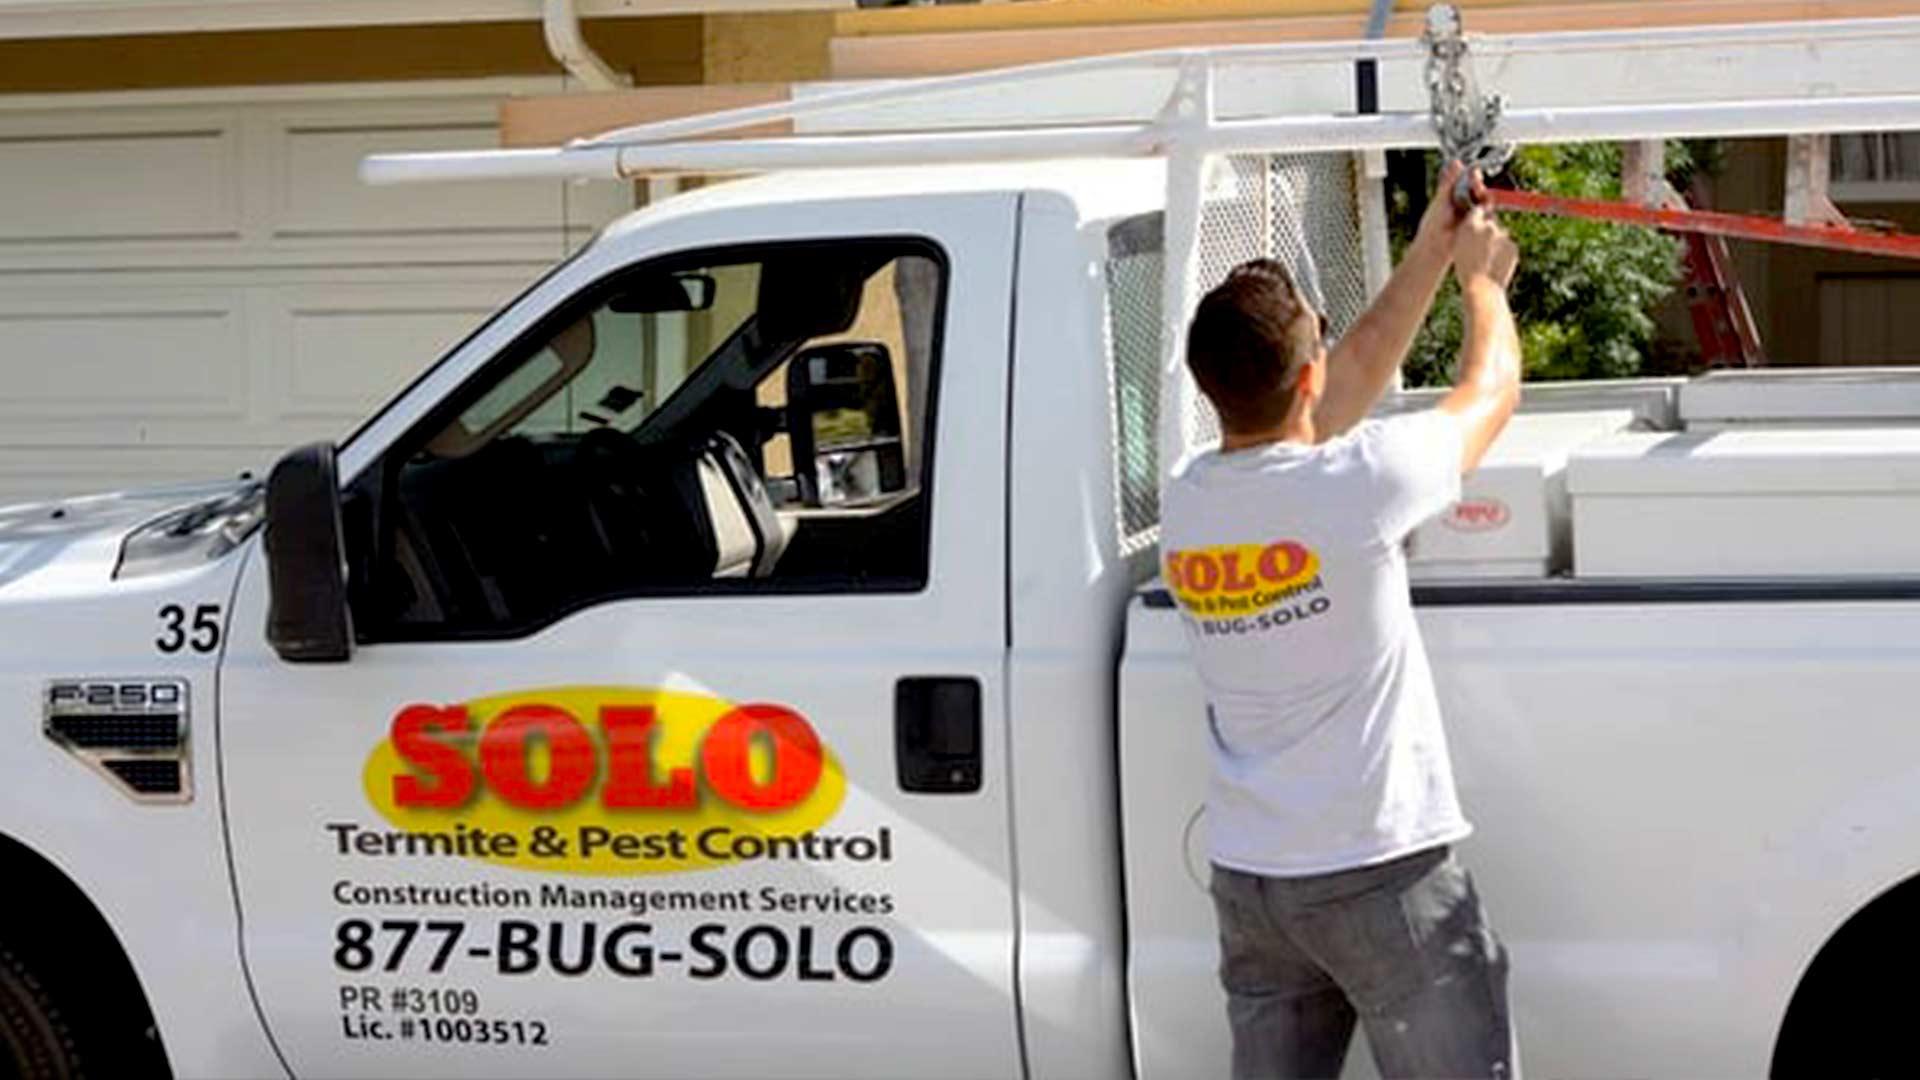 Solo termite pest control service truck